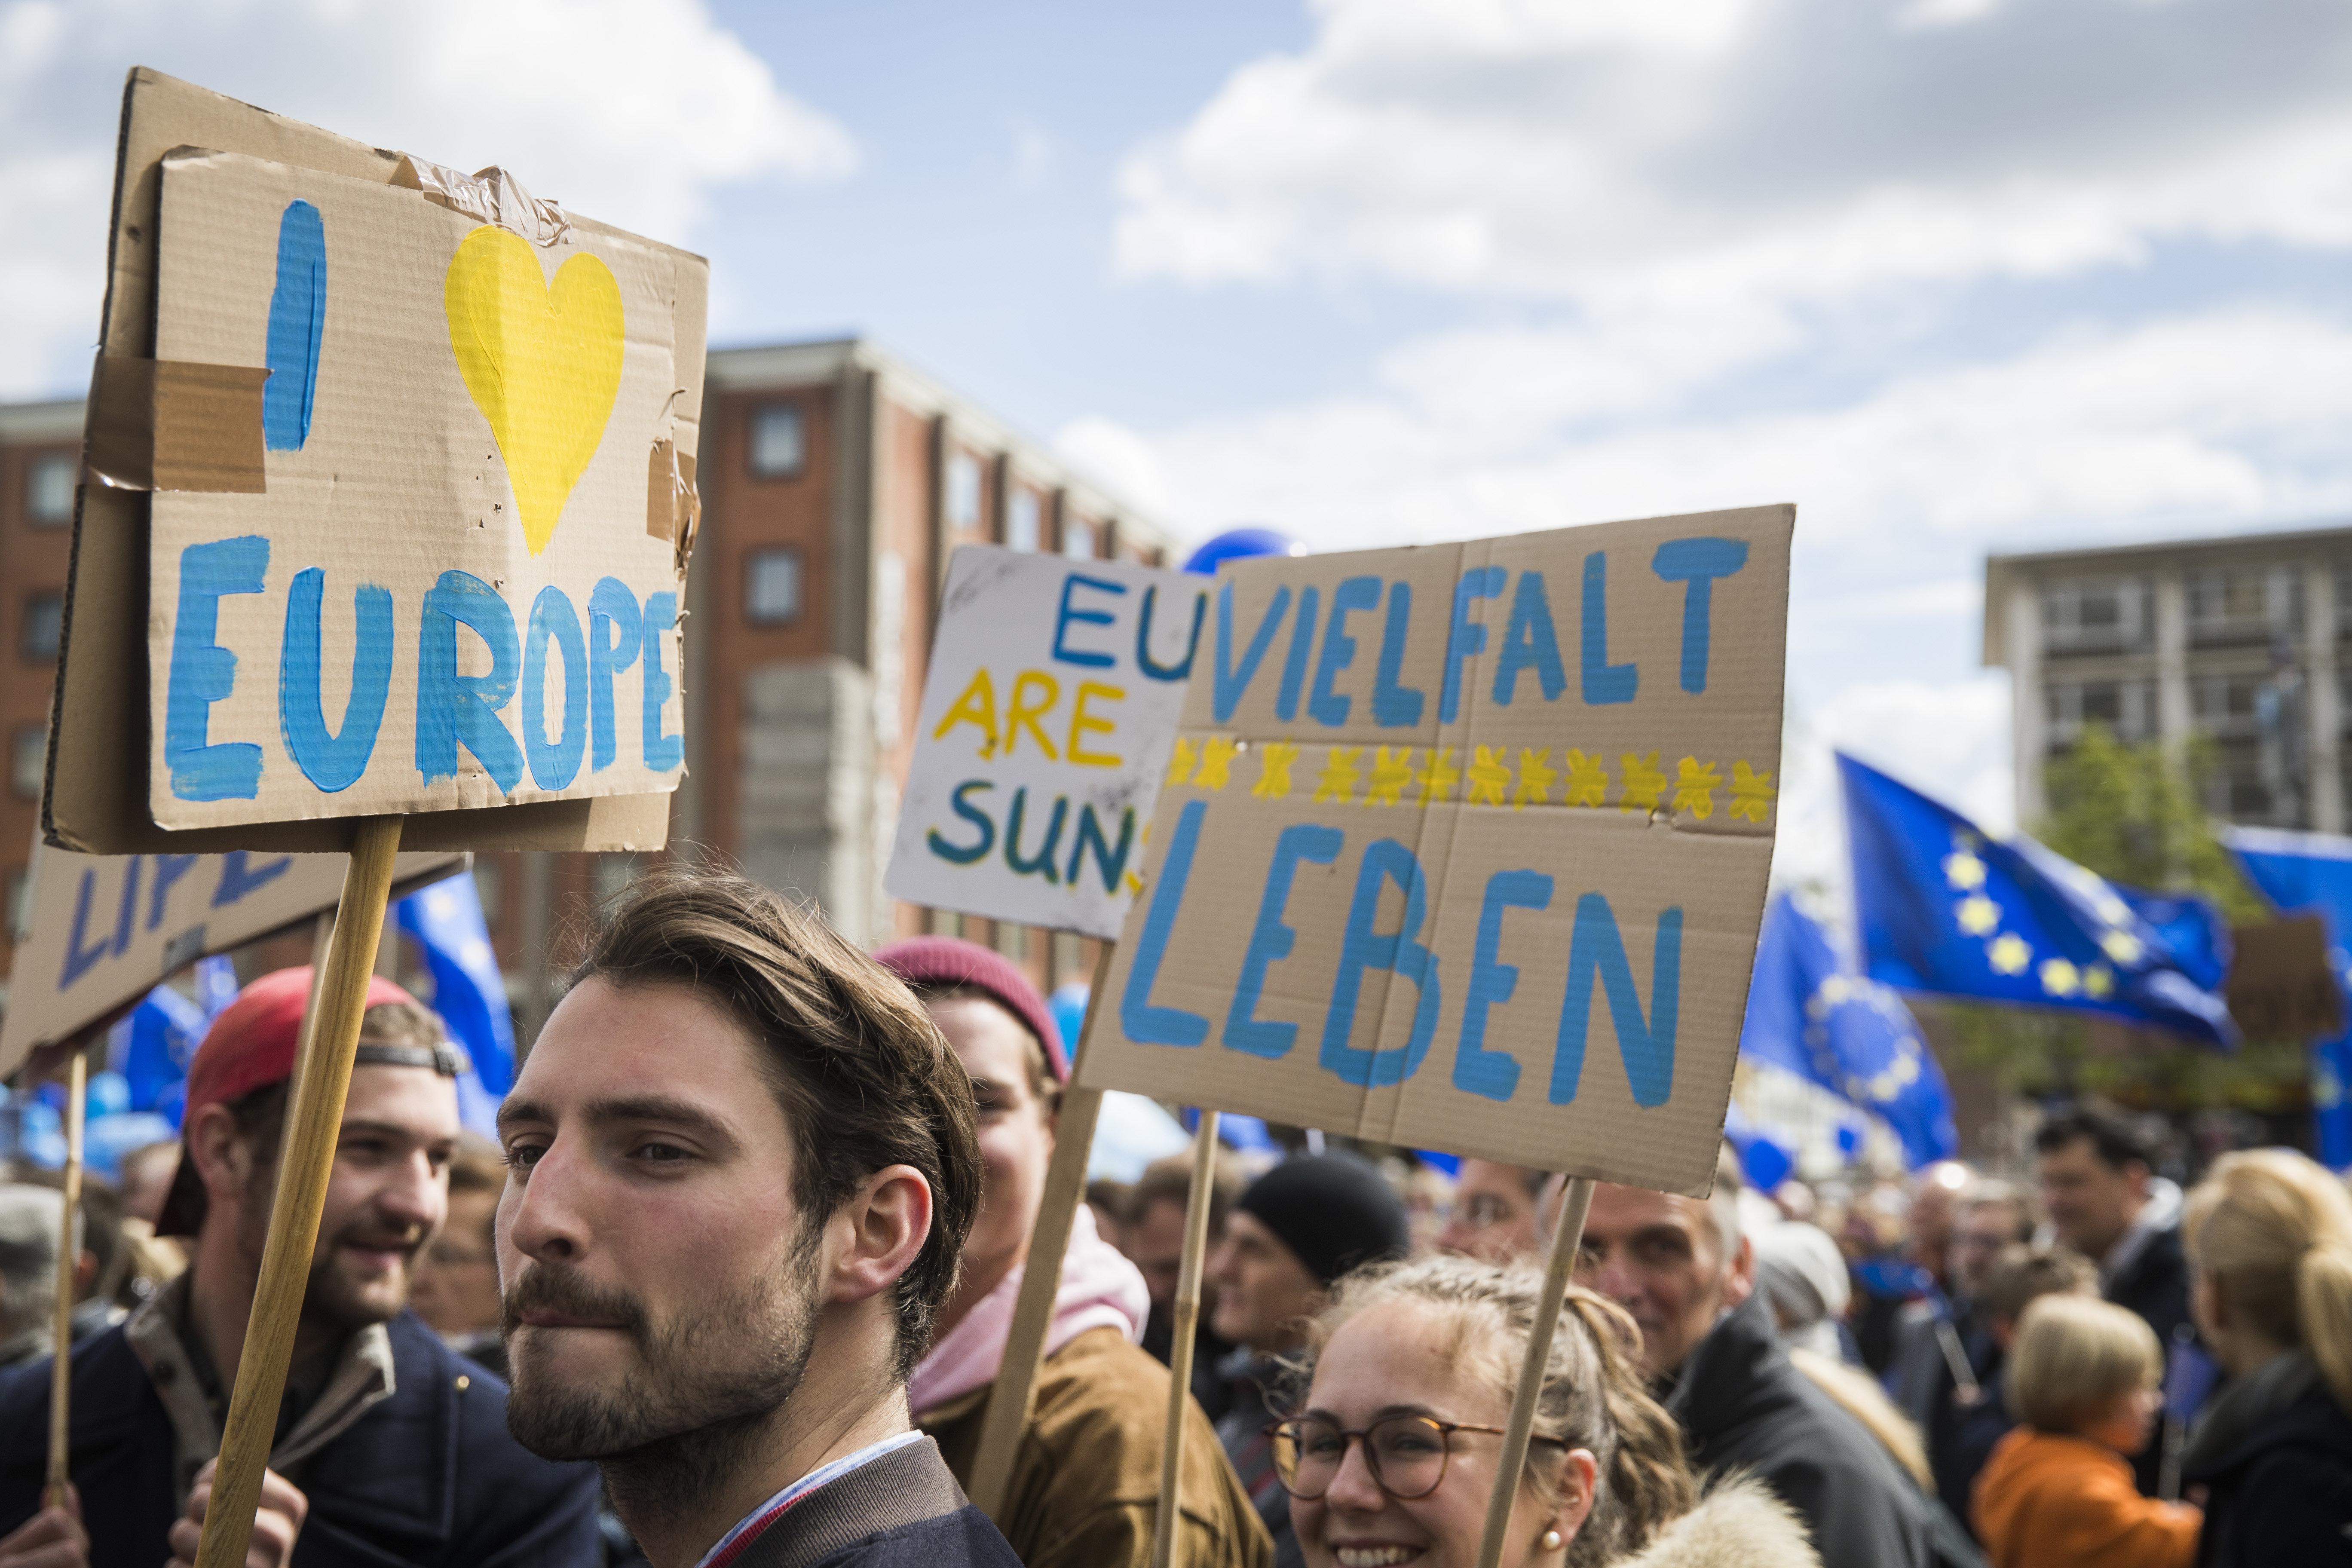 An alle, die glauben, dass die EU vor dem Abgrund steht: Diese 6 Zahlen beweisen das